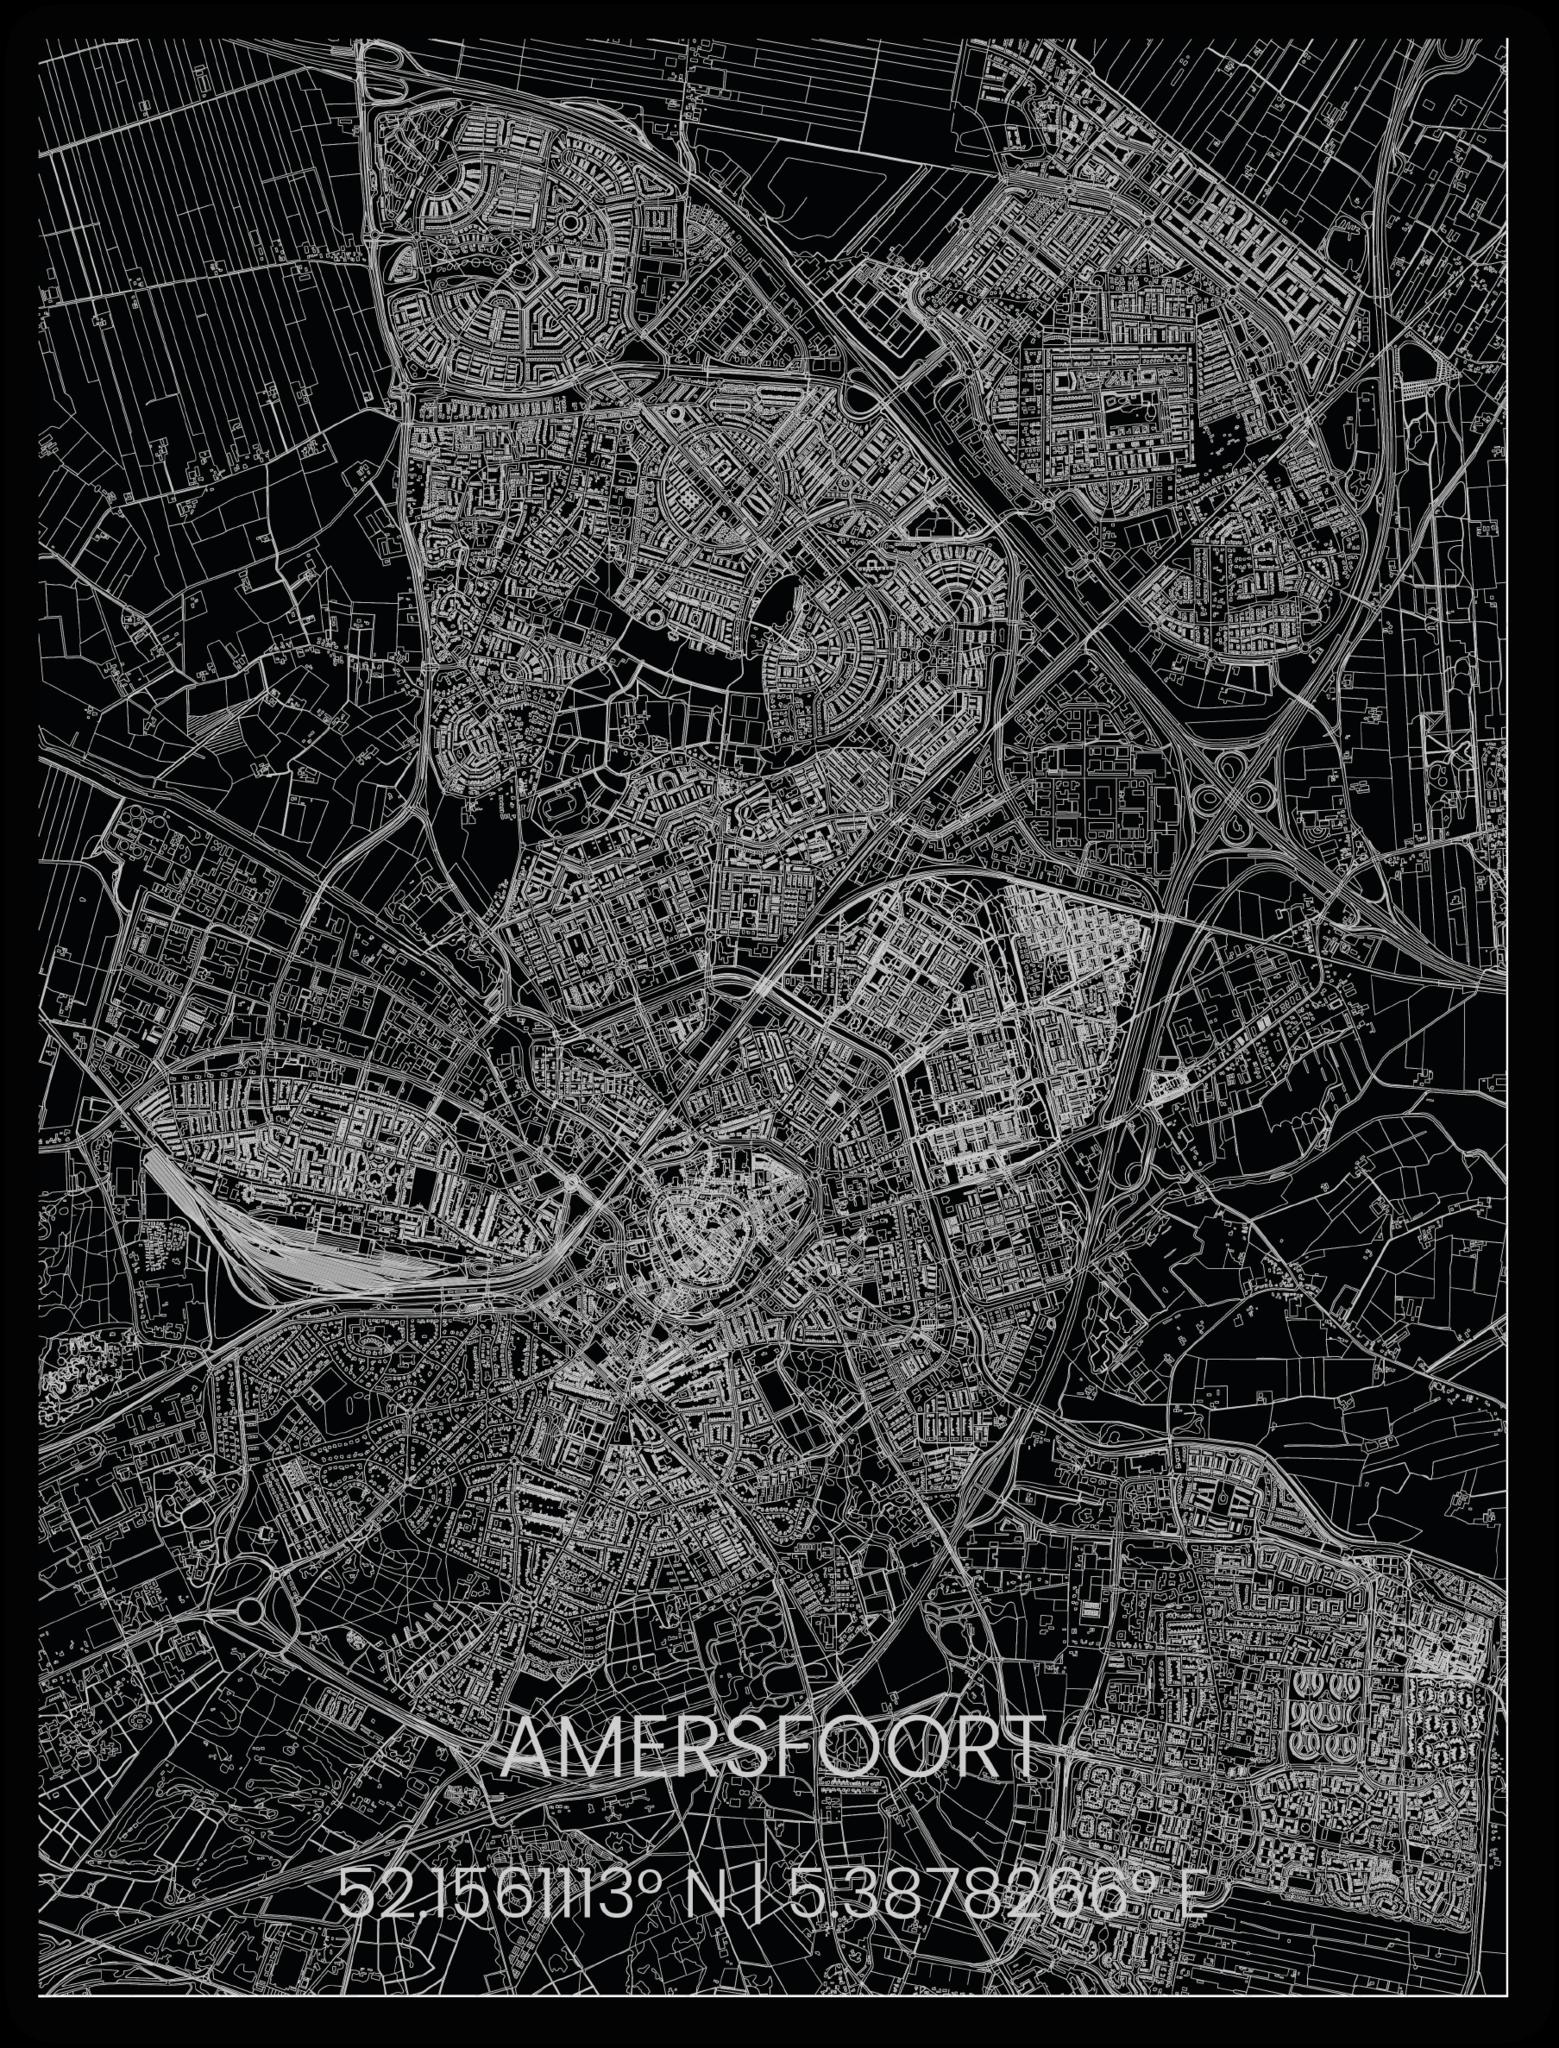 Metalen stadsplattegrond Amersfoort-1